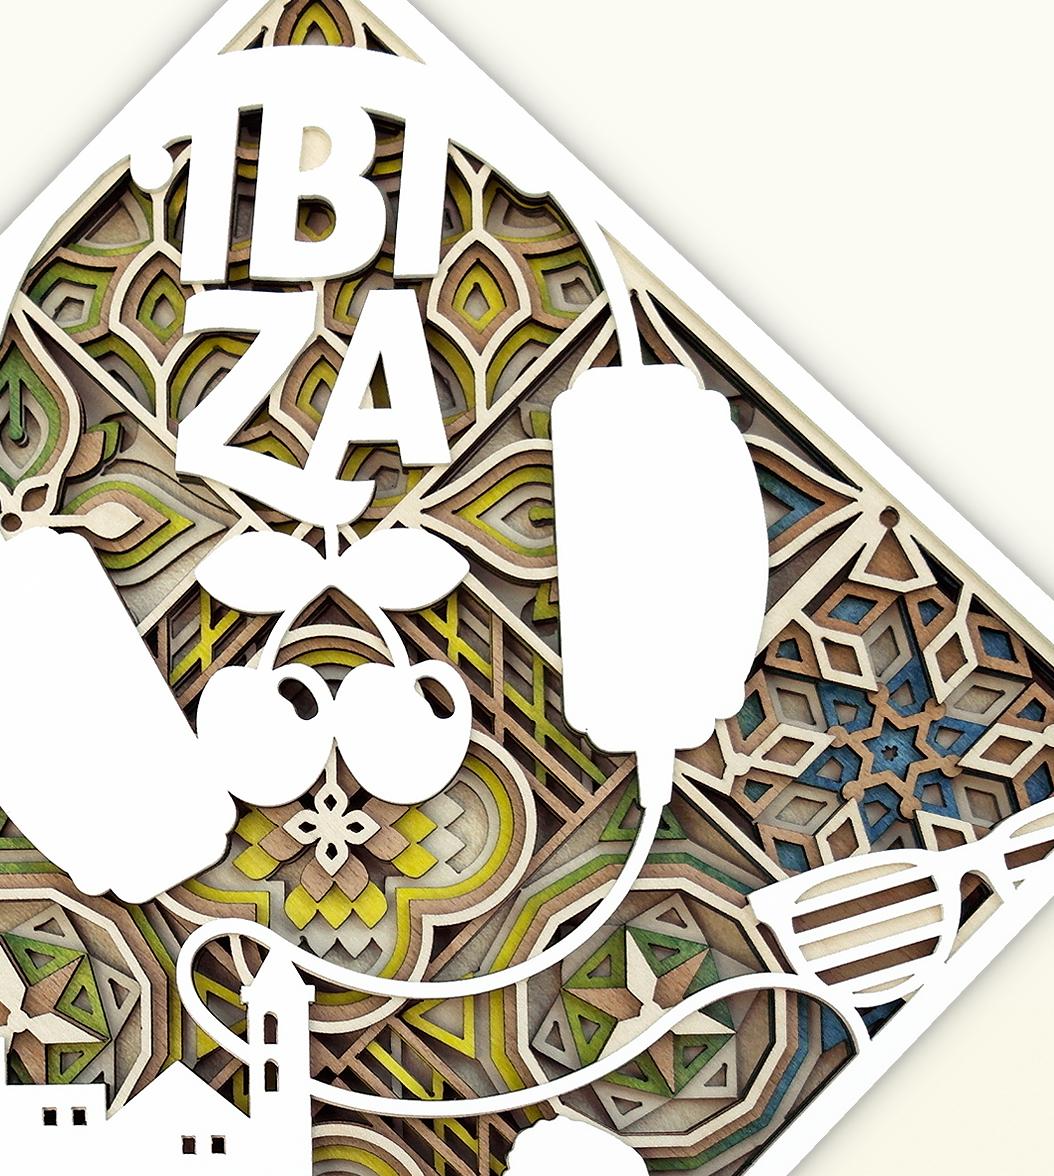 IBIZA_2